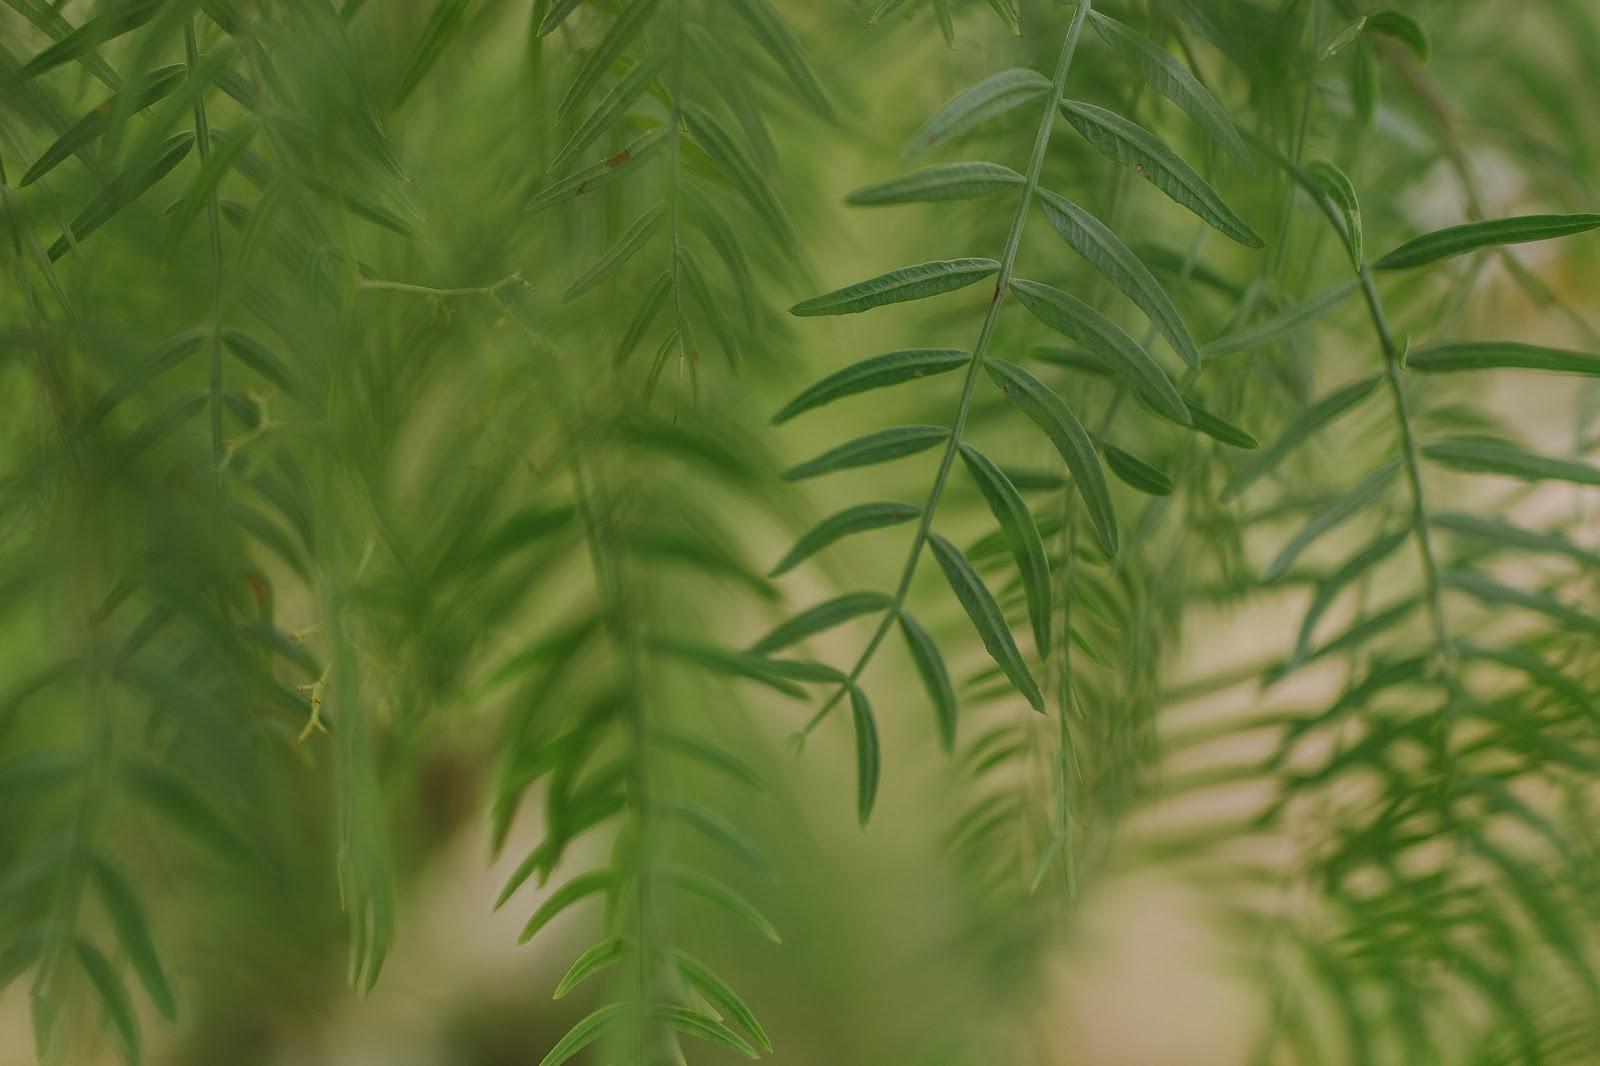 Снимок сделан на объектив Nikon AF-S Nikkor 28mm f/1.4E ED